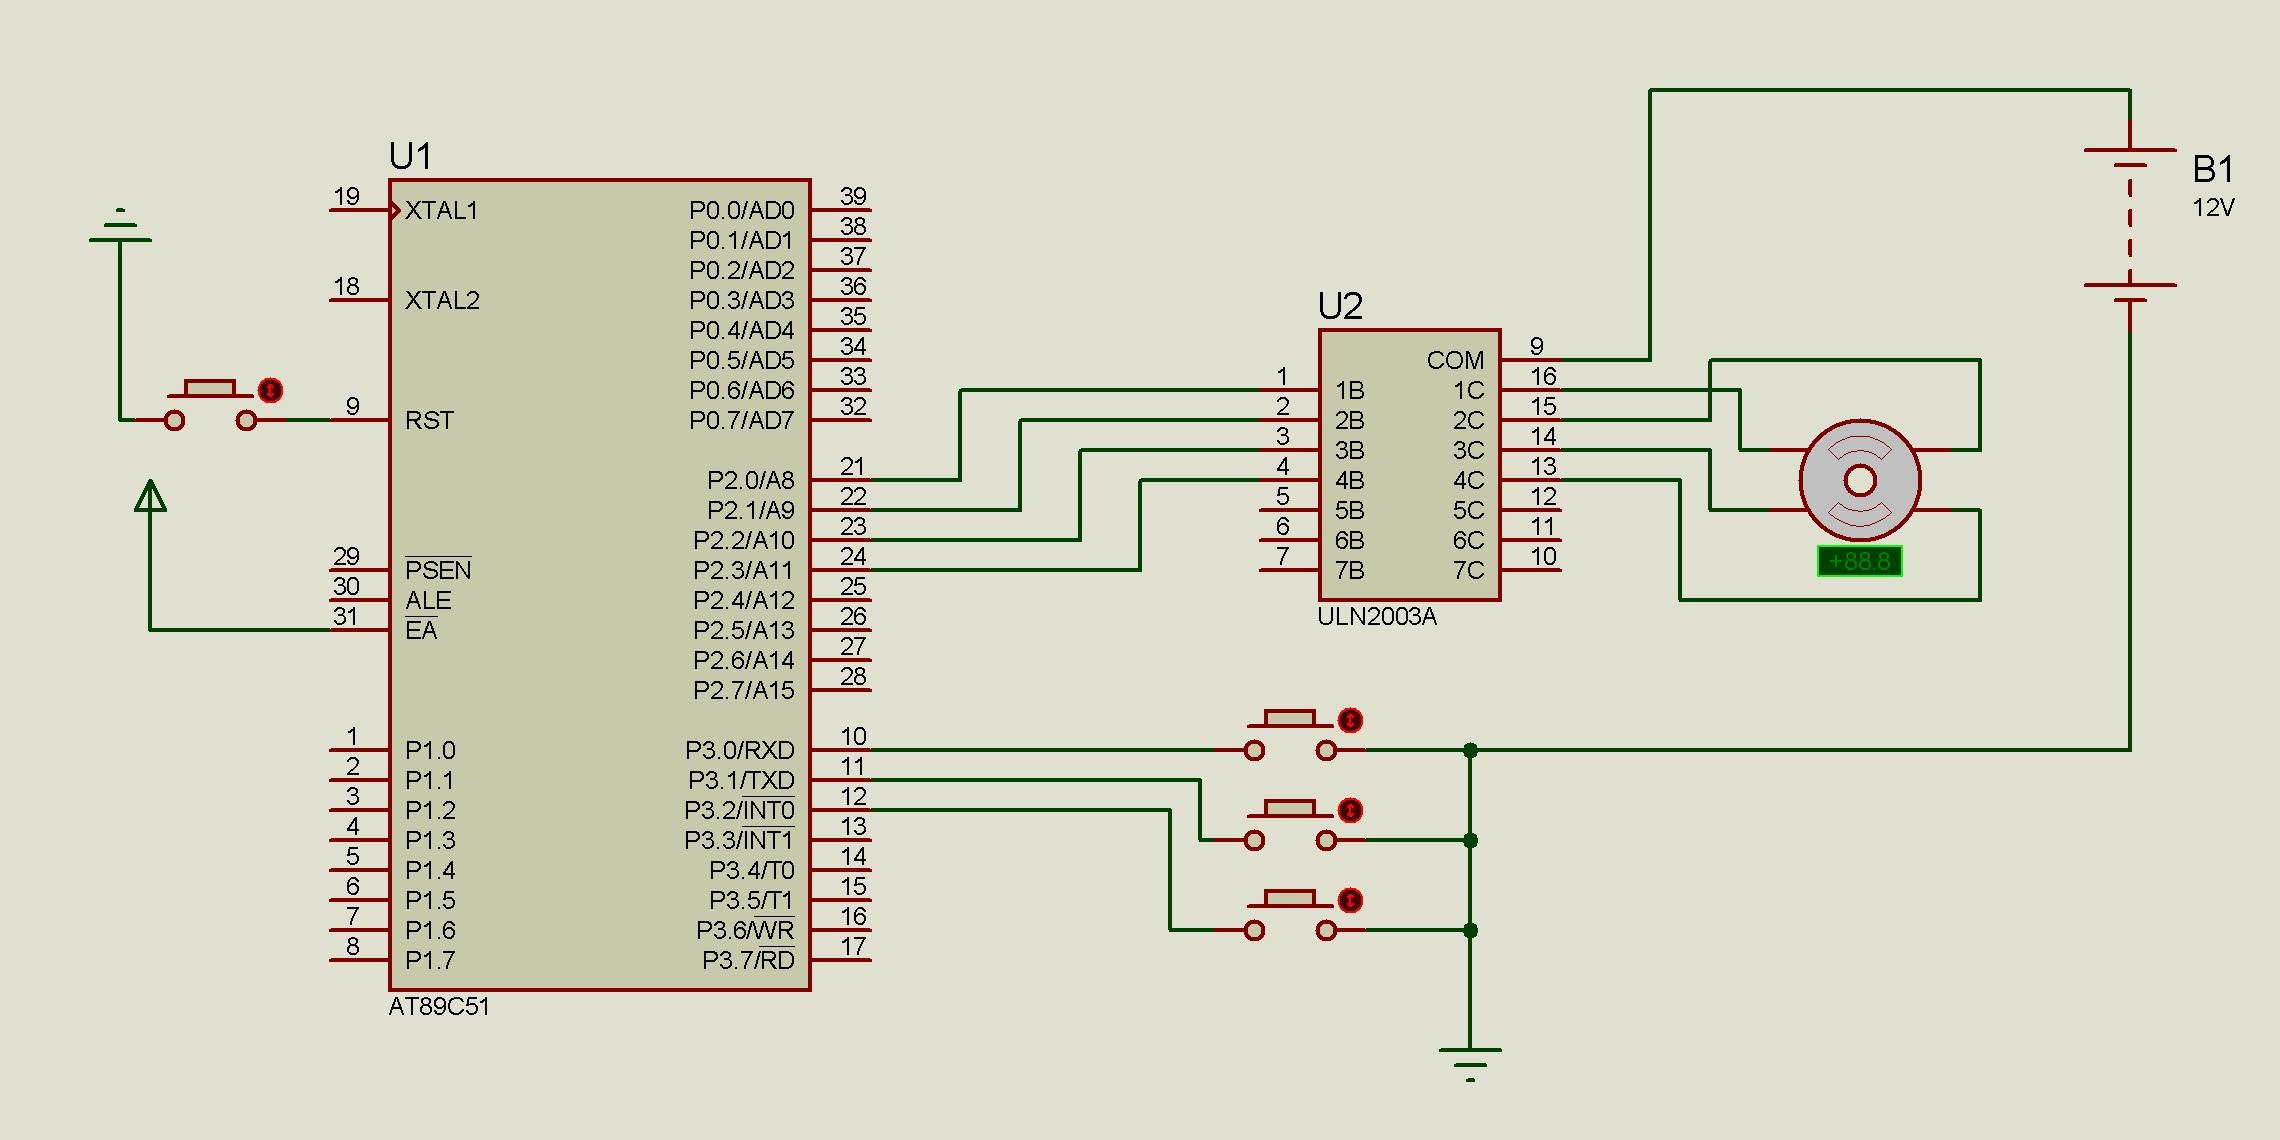 【51单片机】uln2003步进电机驱动电路以及控制程序,毕业答辩,求大神